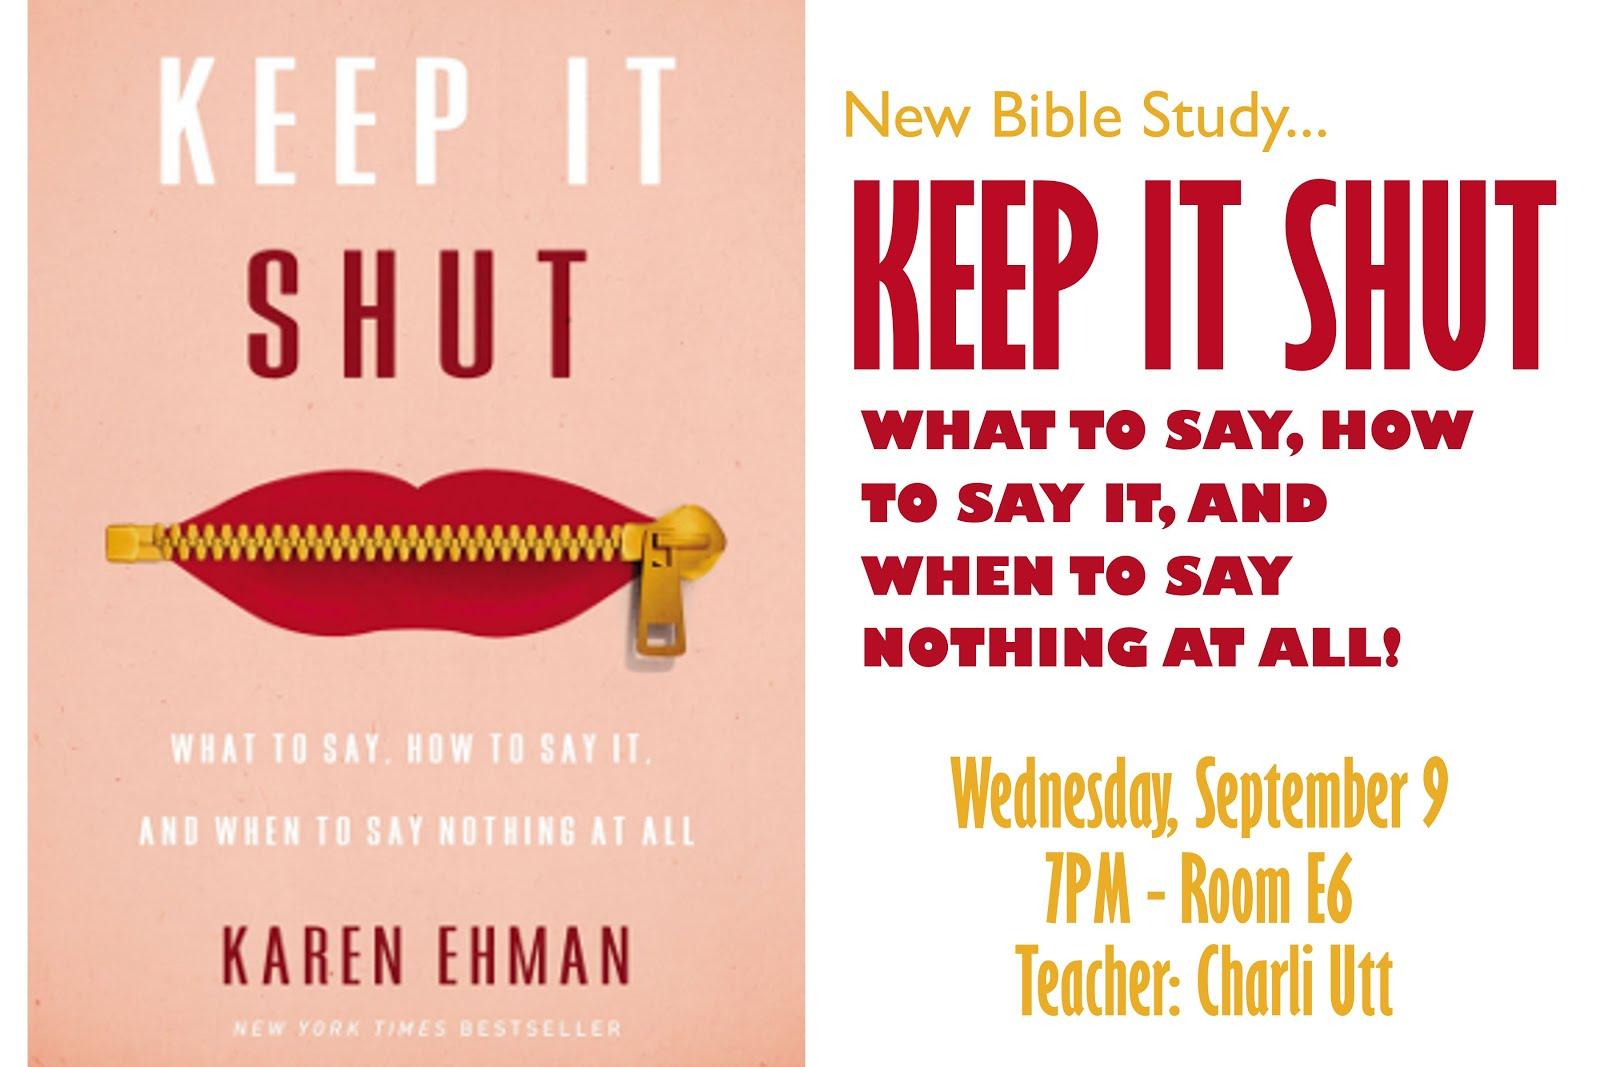 Keep It Shut!